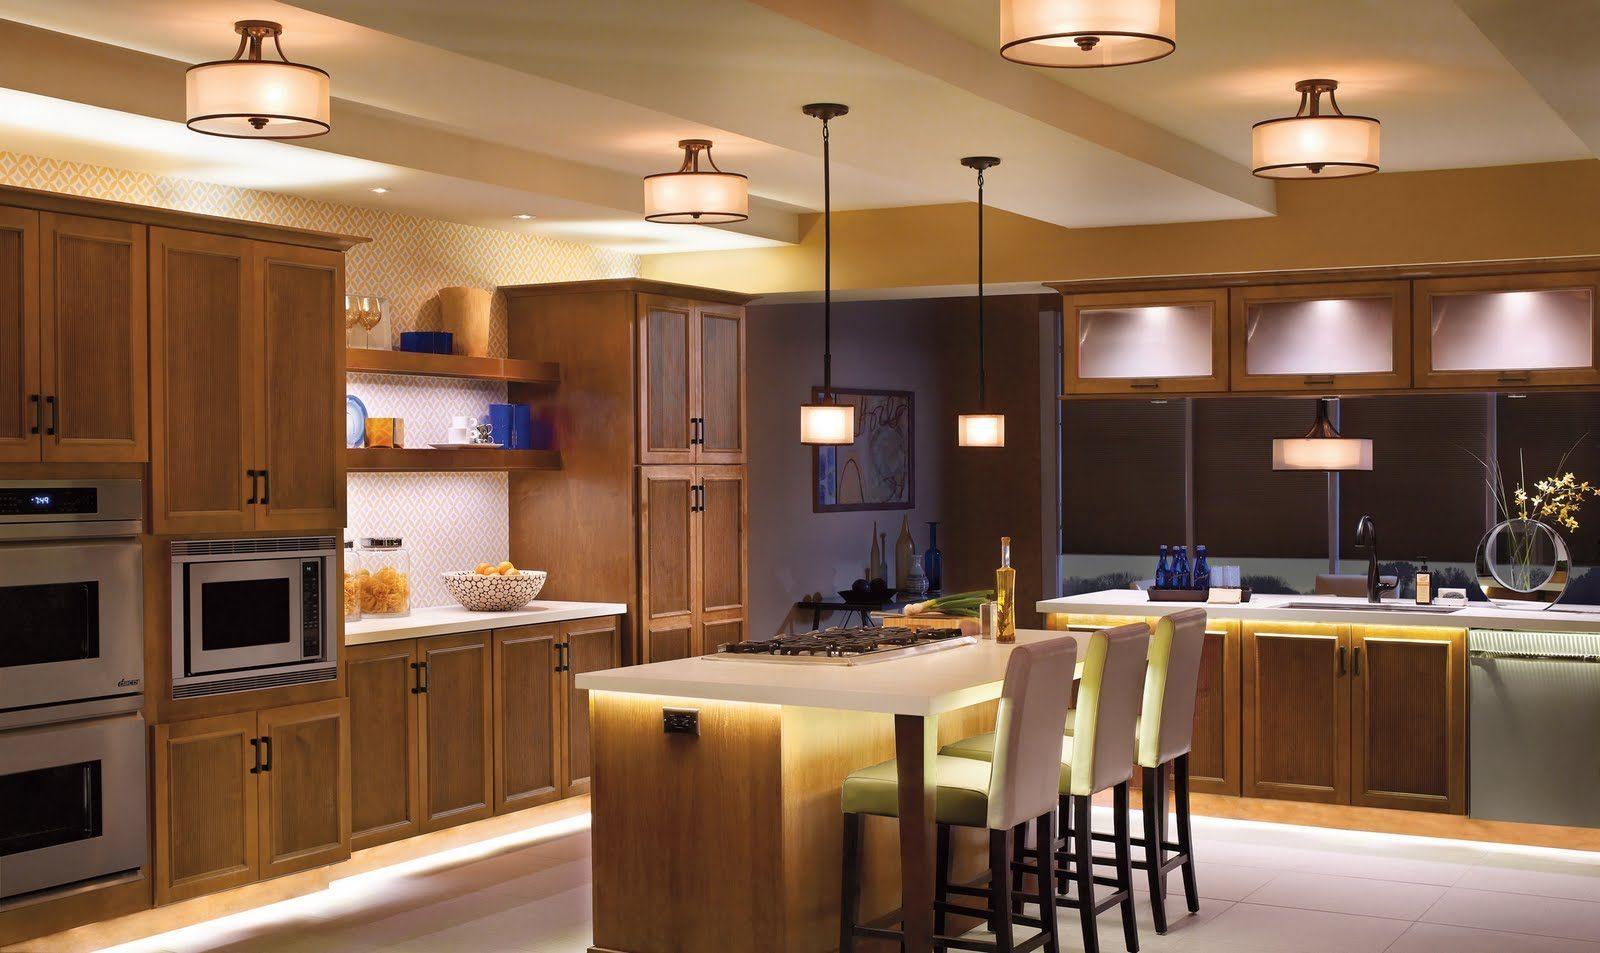 Iluminaci n artificial de cocinas im genes y fotos - Iluminacion para cocinas modernas ...